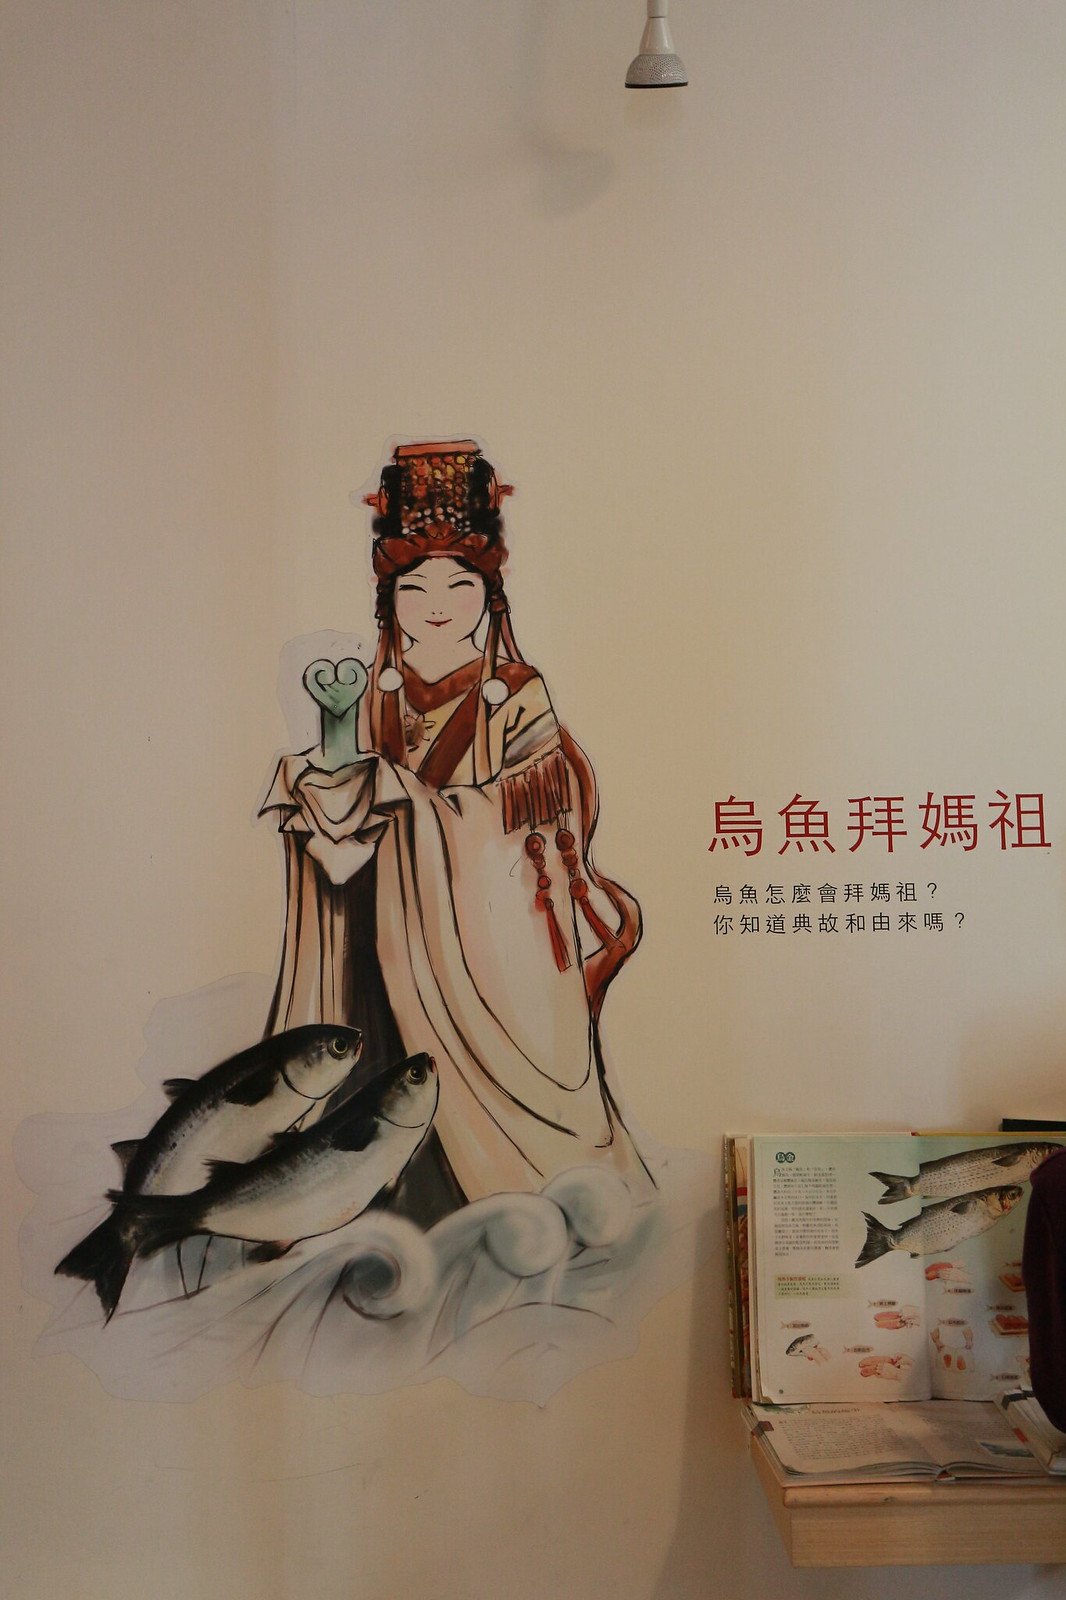 高雄市前鎮區珍芳烏魚子見習工廠 (4)